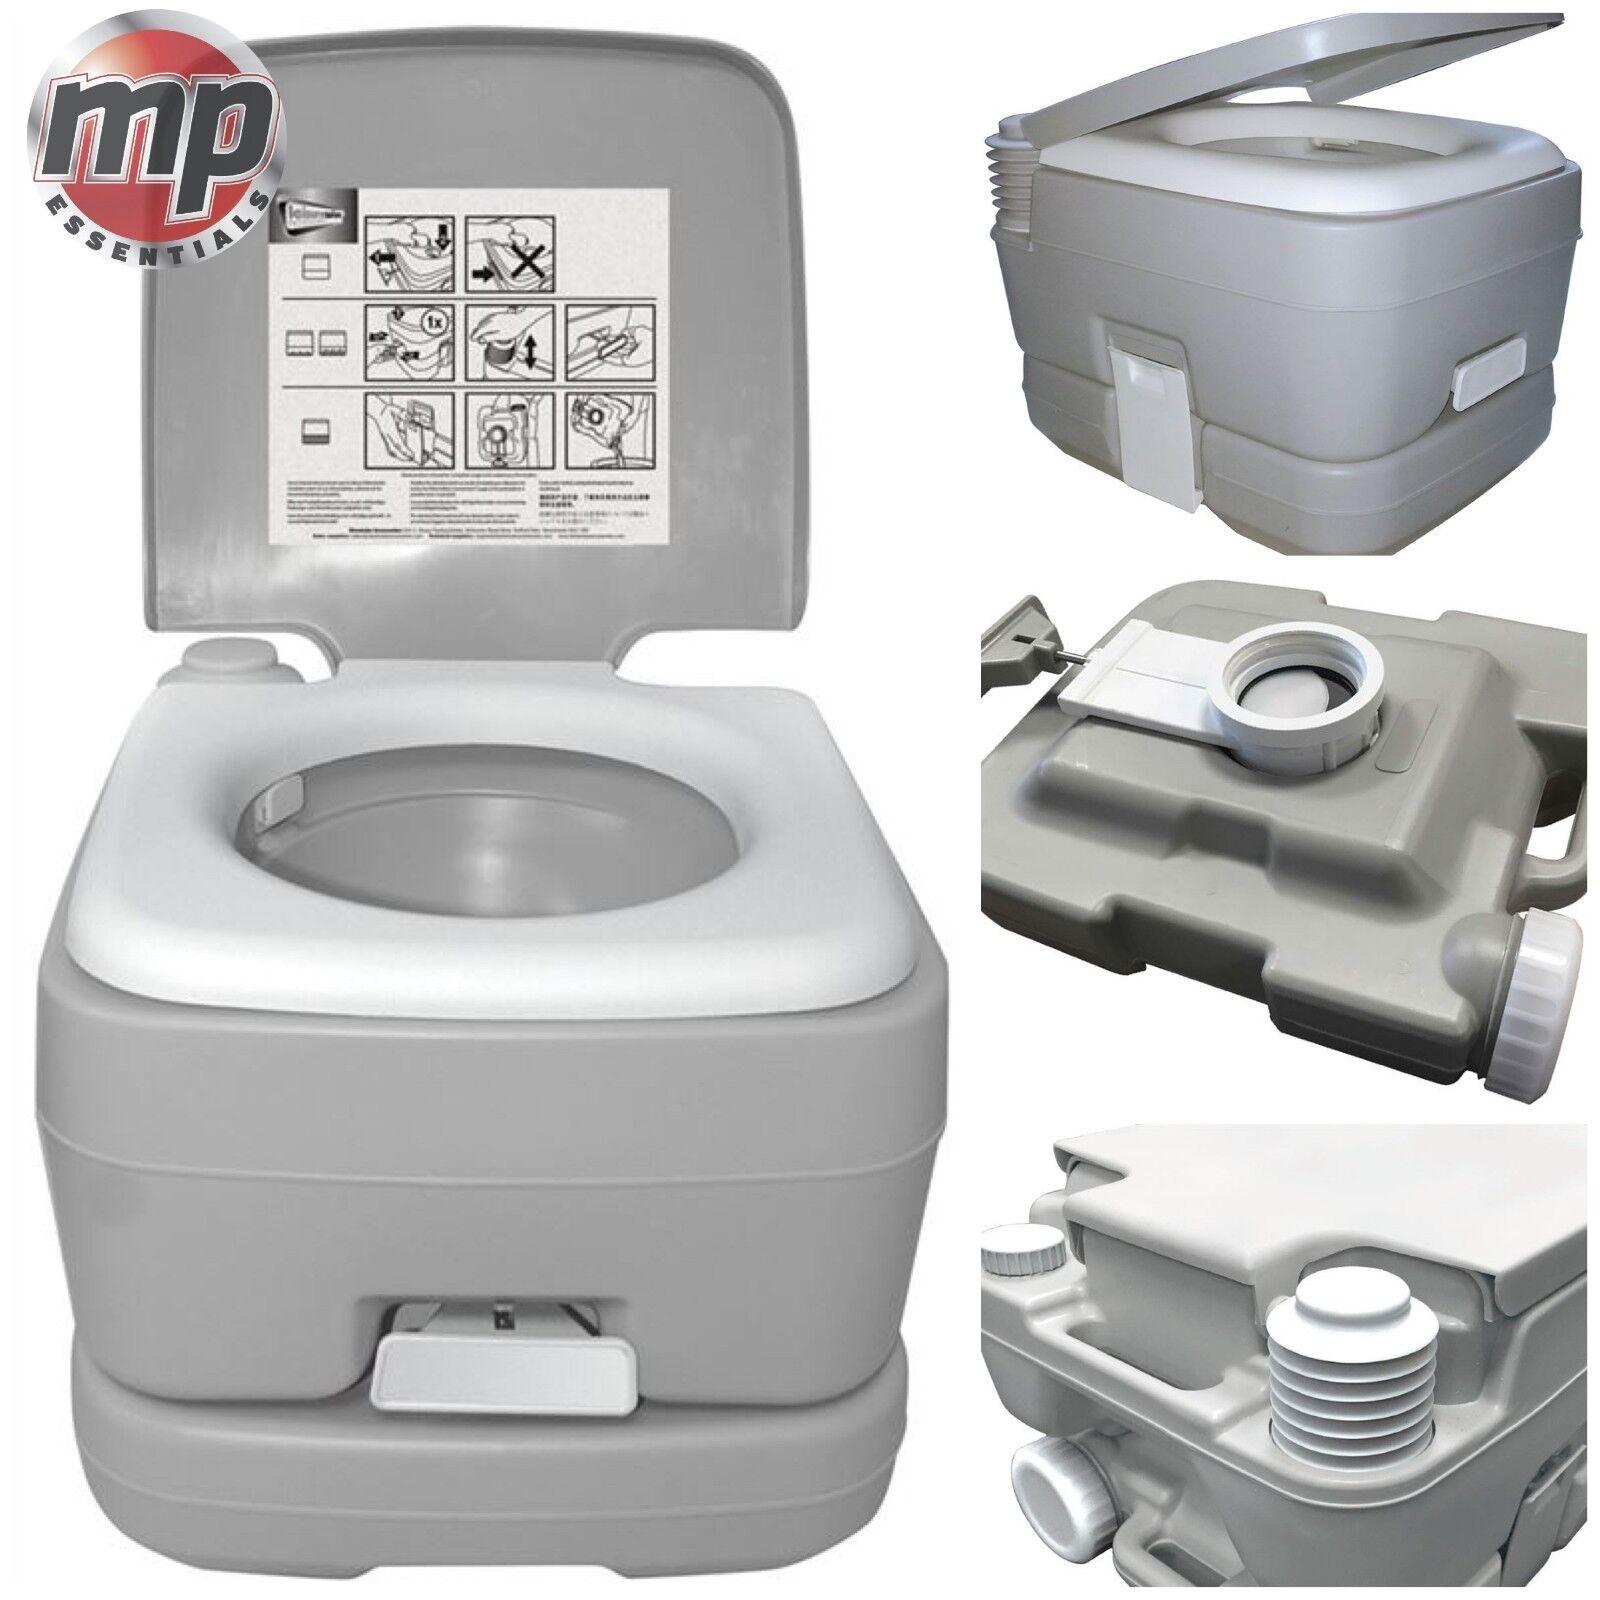 Leisurewize 10L campeggio viaggio portatile leggero lavaggio WC LooGrigio